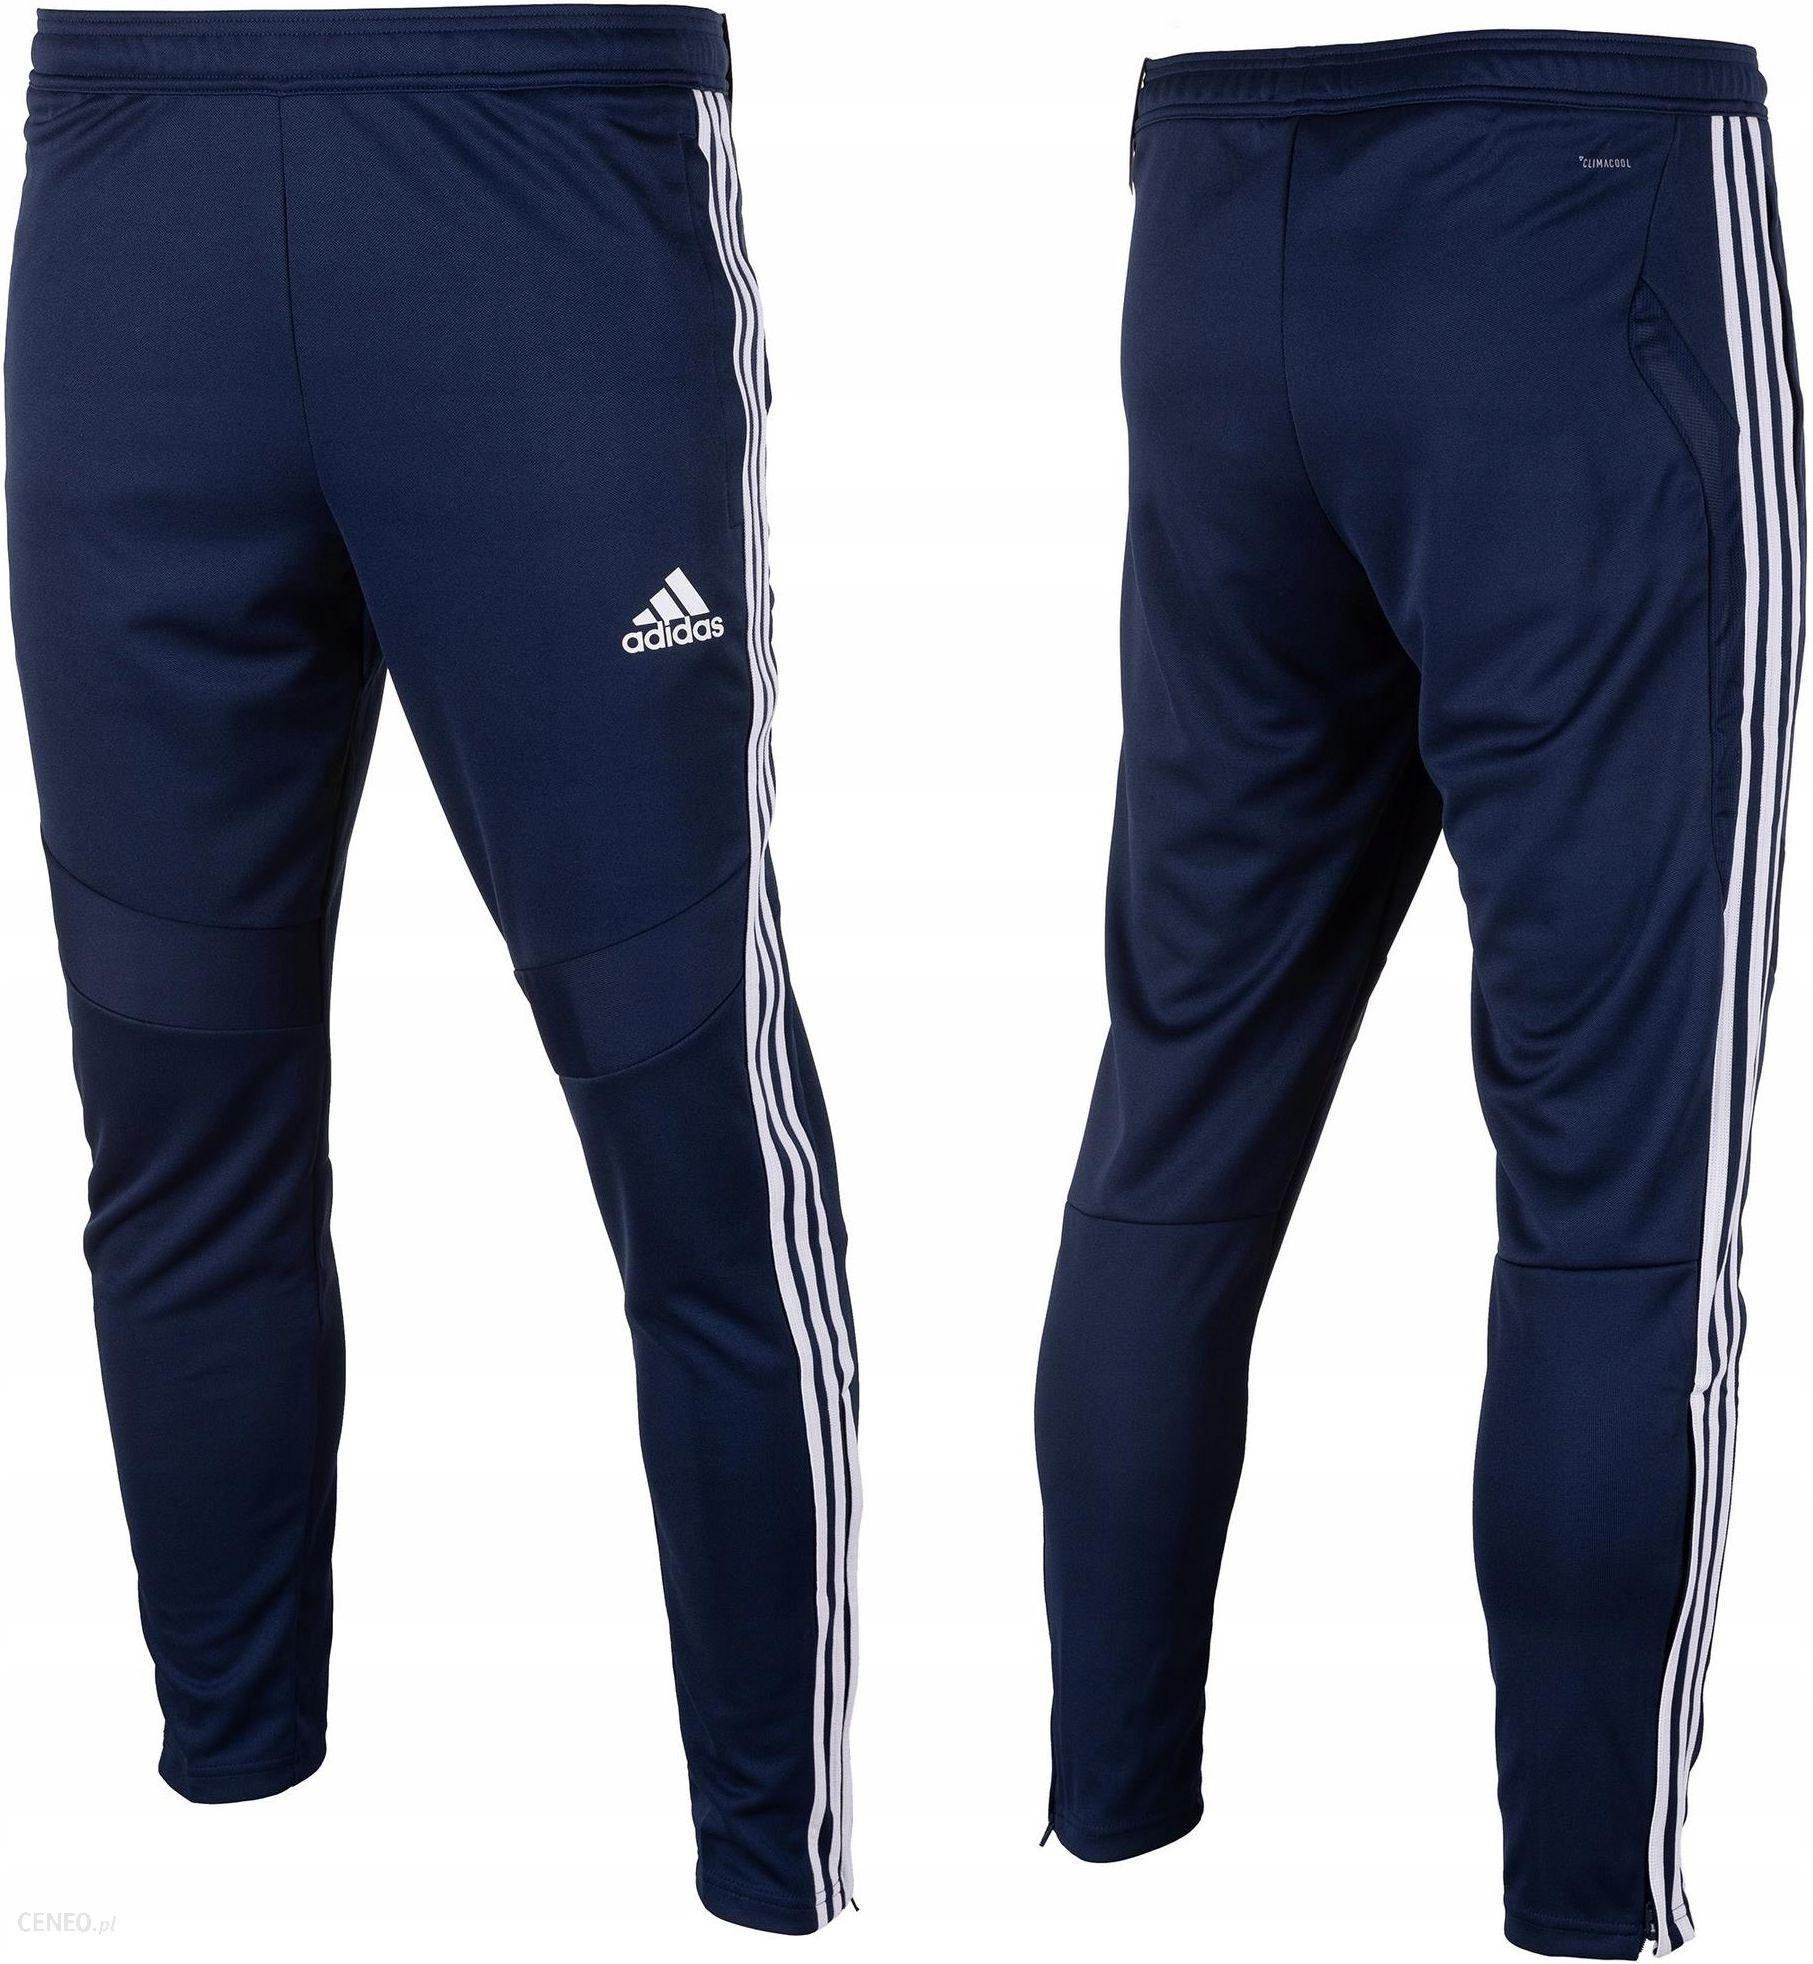 e527229ed06ac Adidas spodnie dresowe dresy męskie TIRO 19 XXL - Ceny i opinie ...